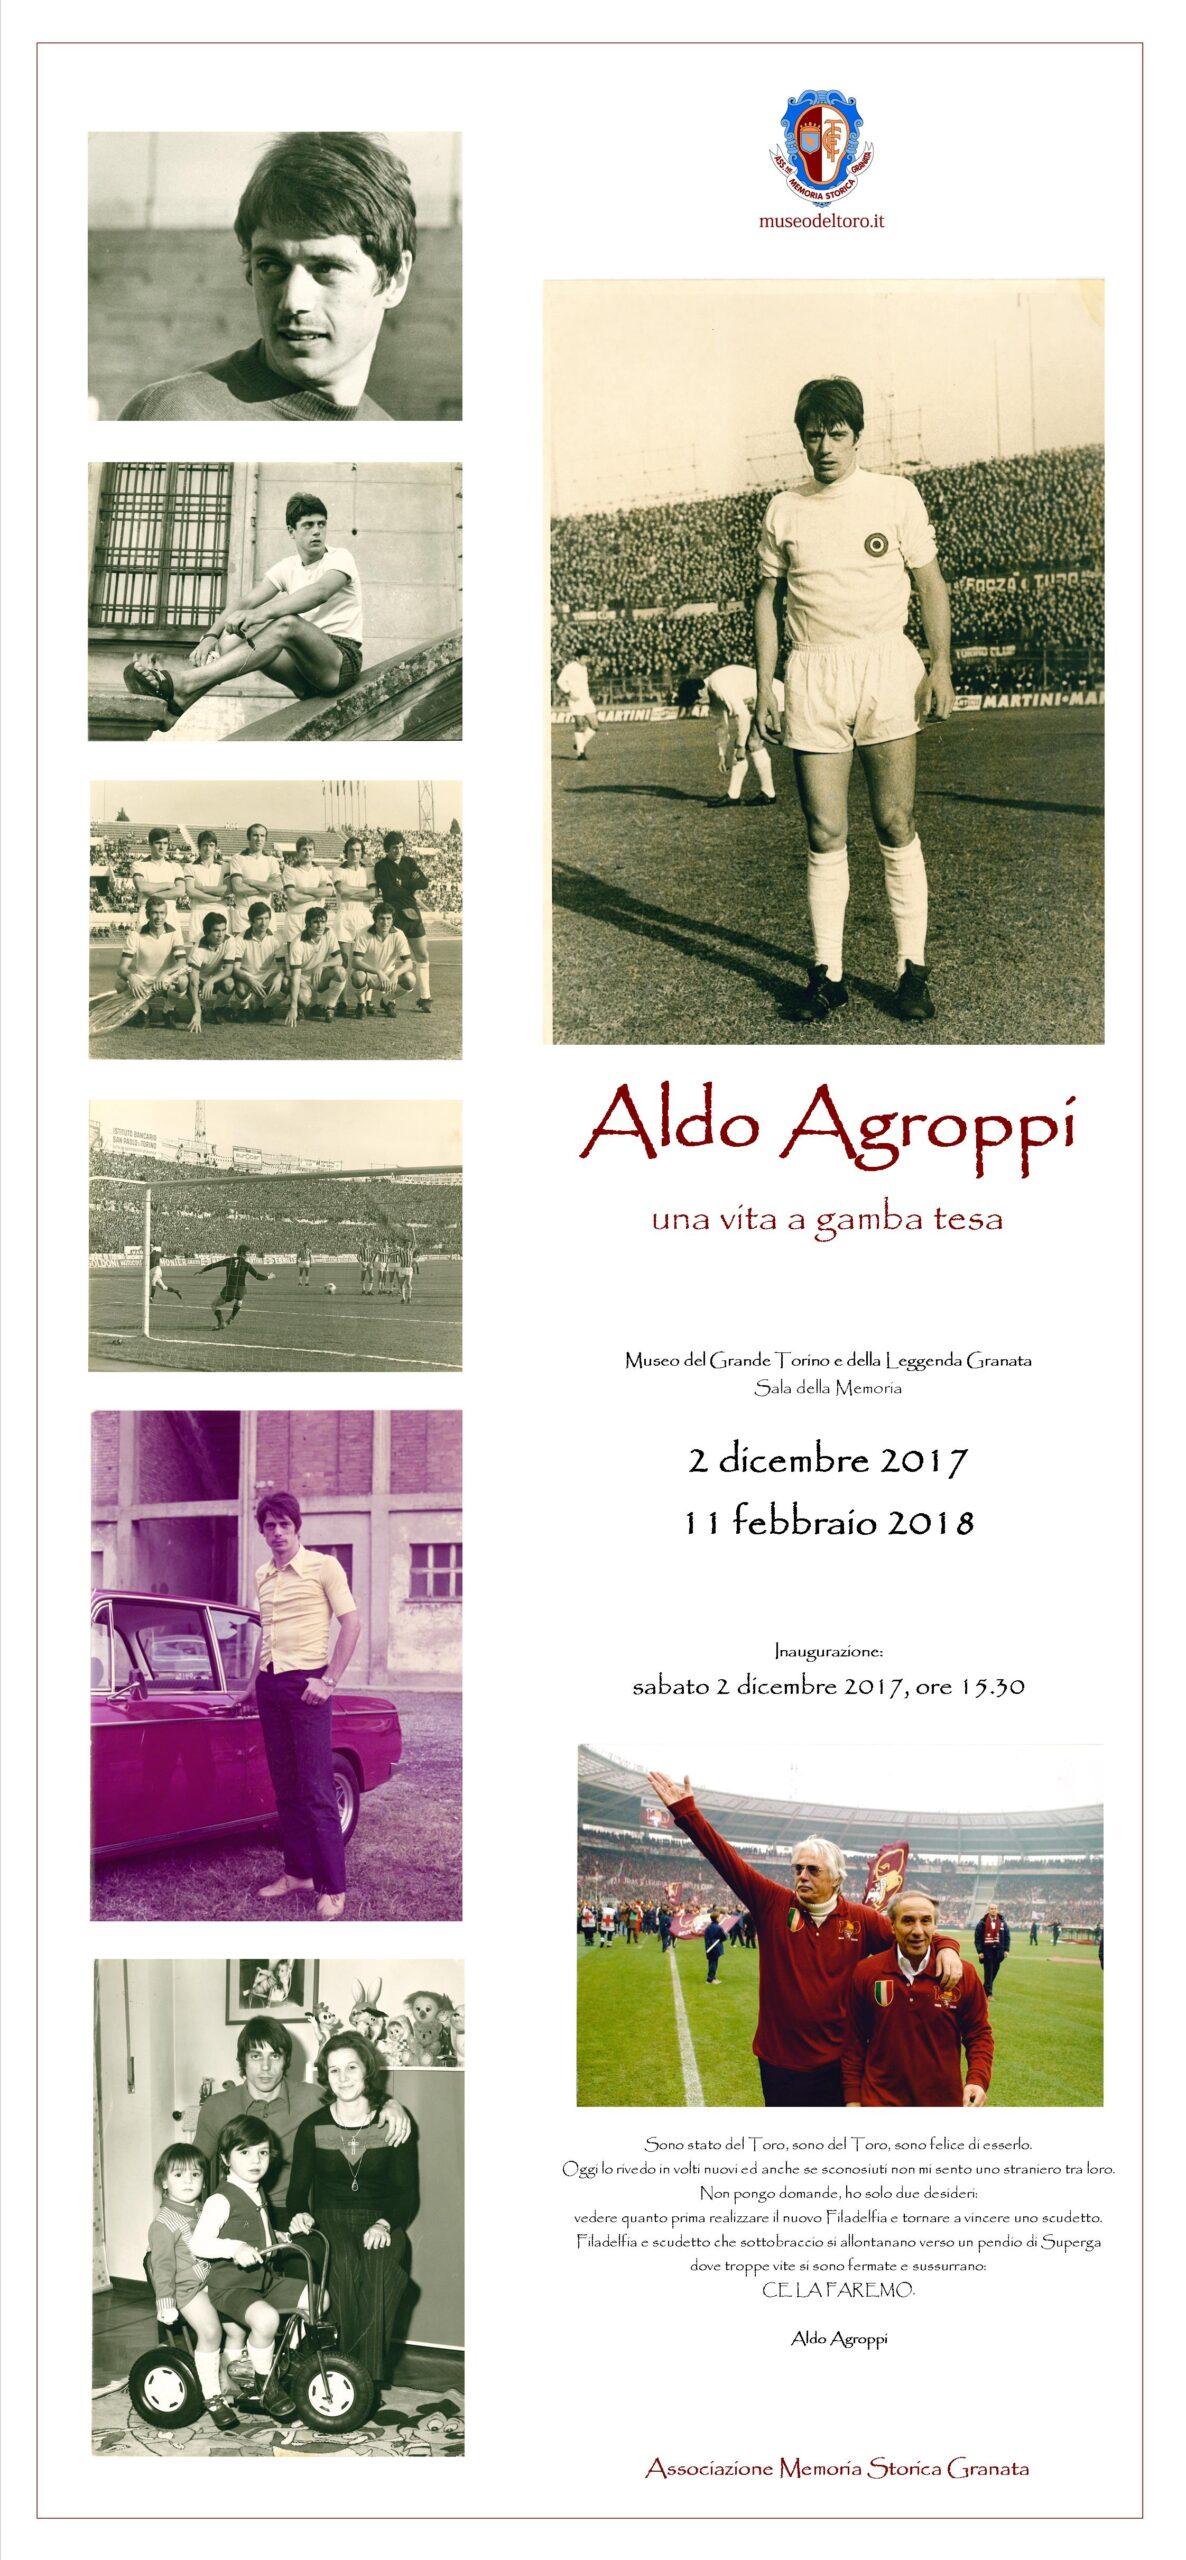 HALL OF FAME 2017 + MOSTRA AGROPPI